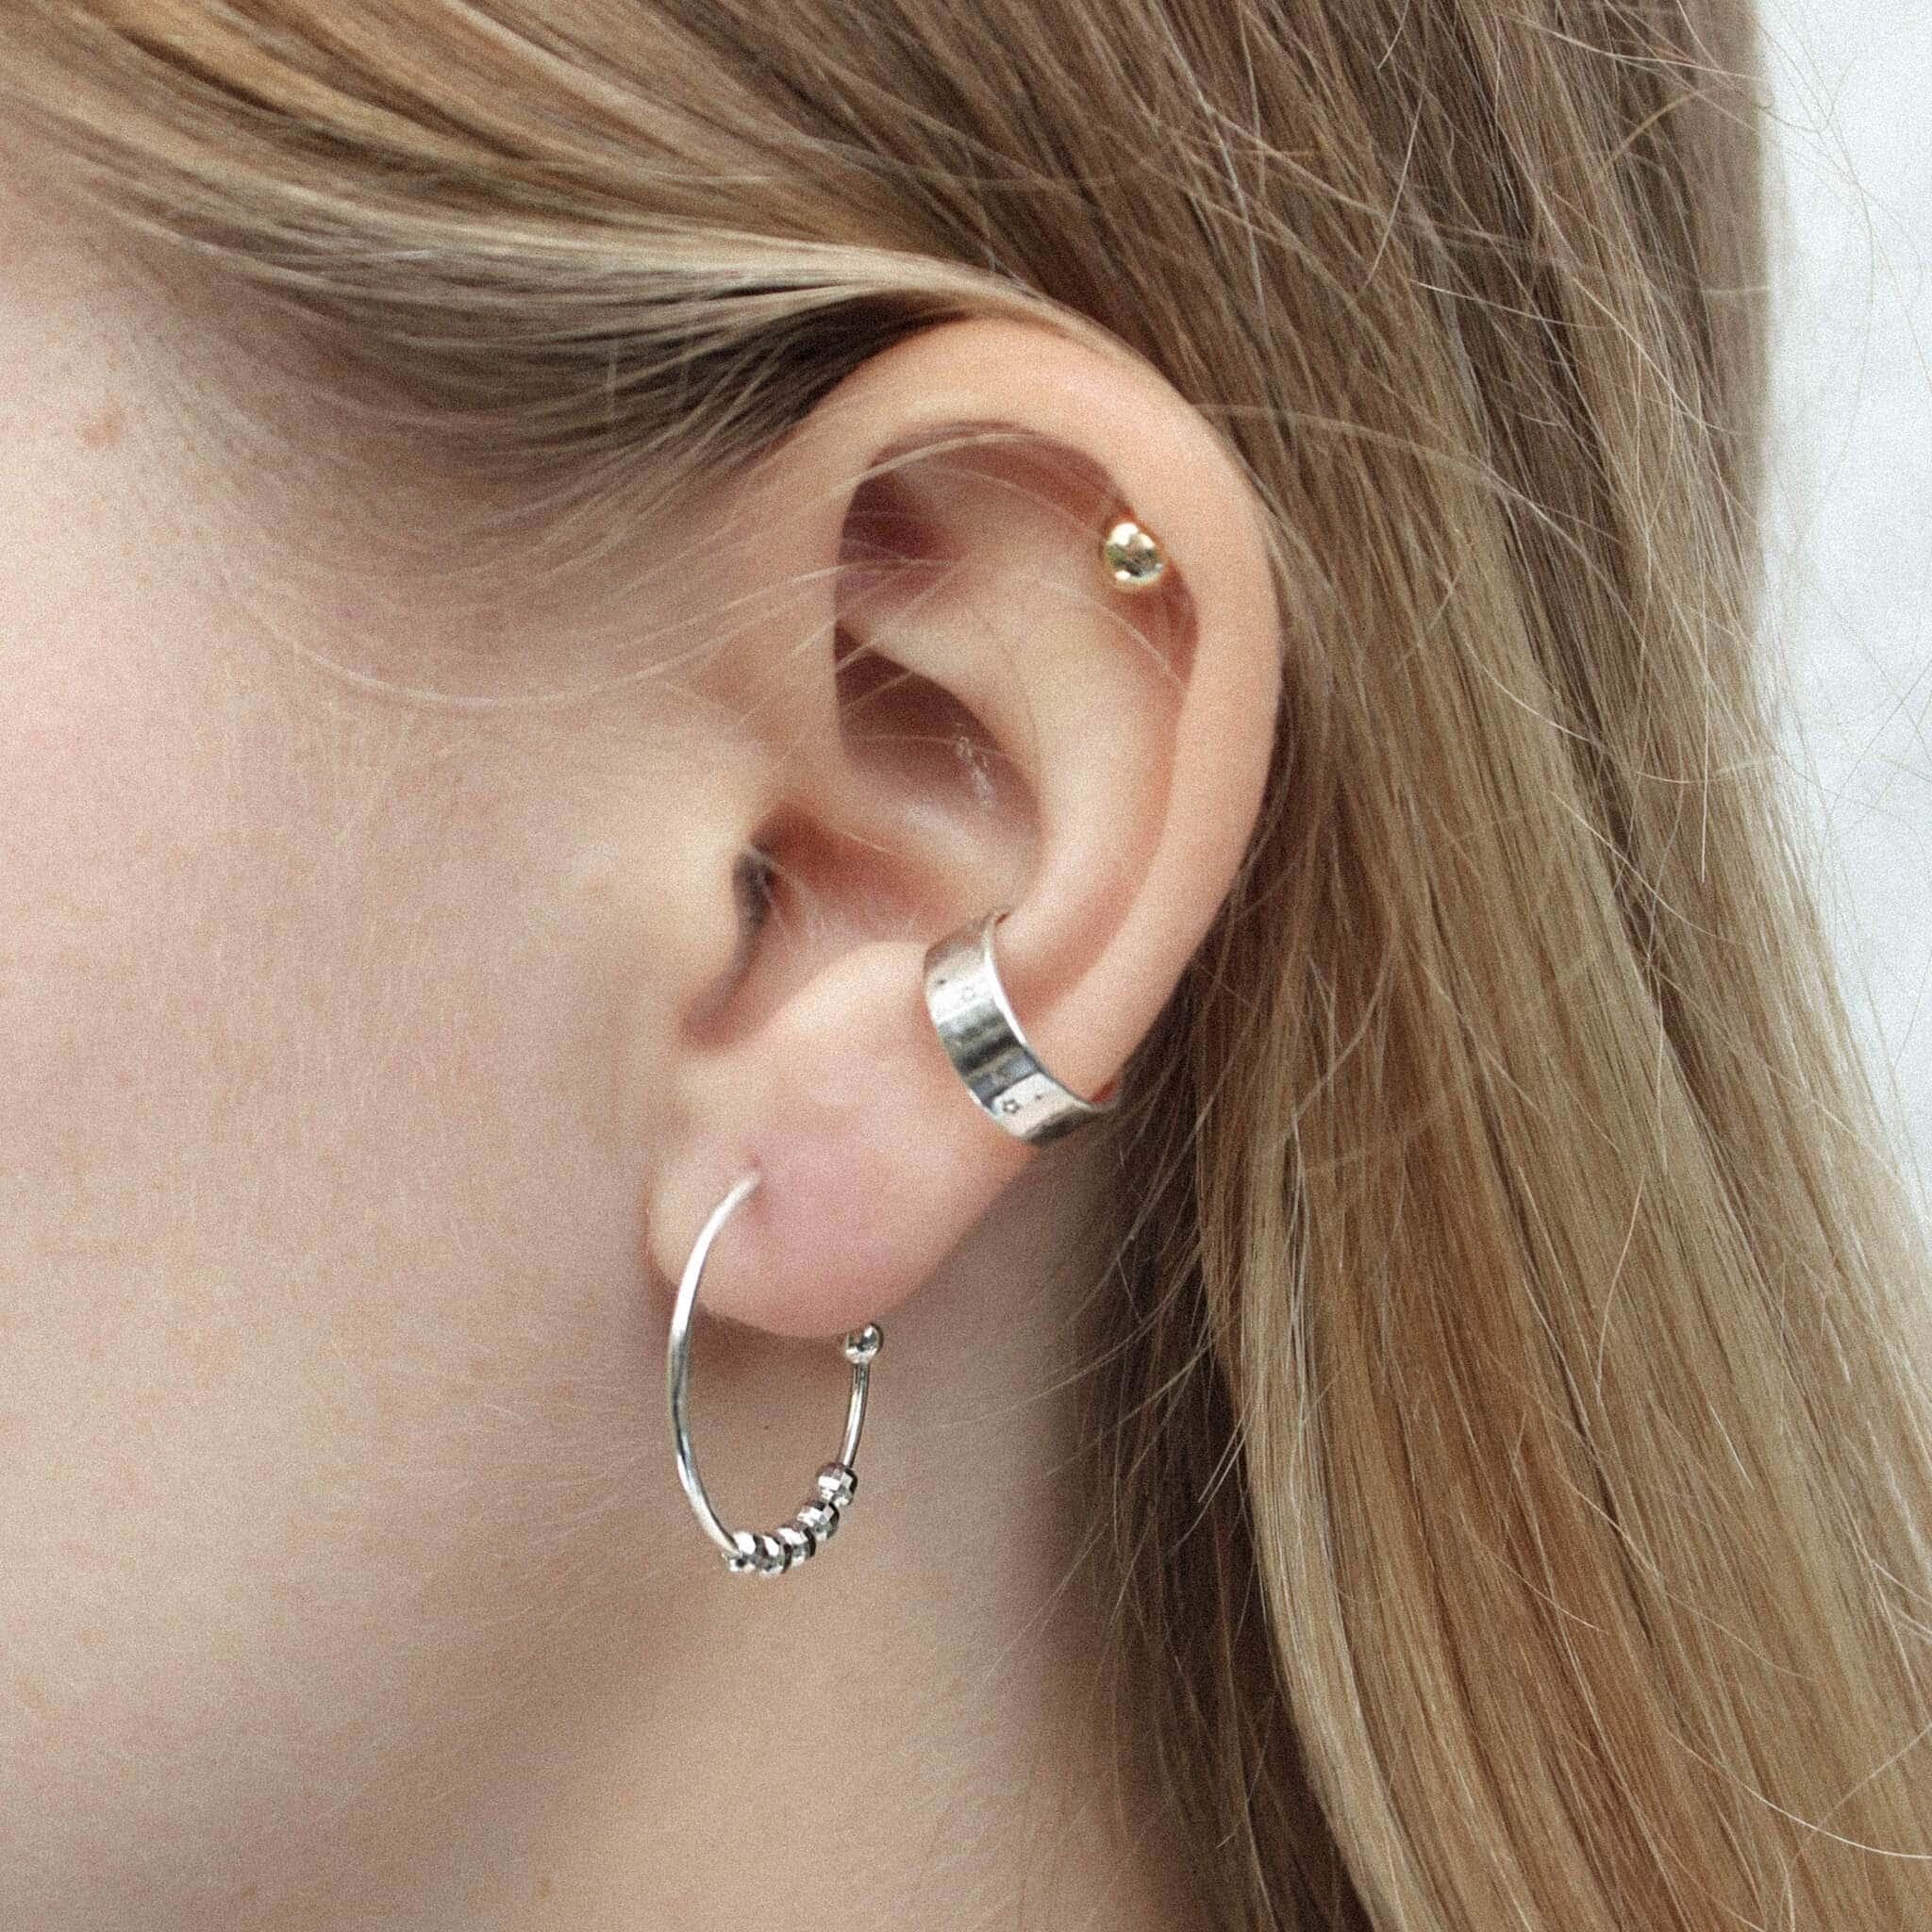 Modelka prezentuje zestaw srebrnej biżuterii. Ma na uchu srebrne kolczyki koła i srebrną nausznicę.